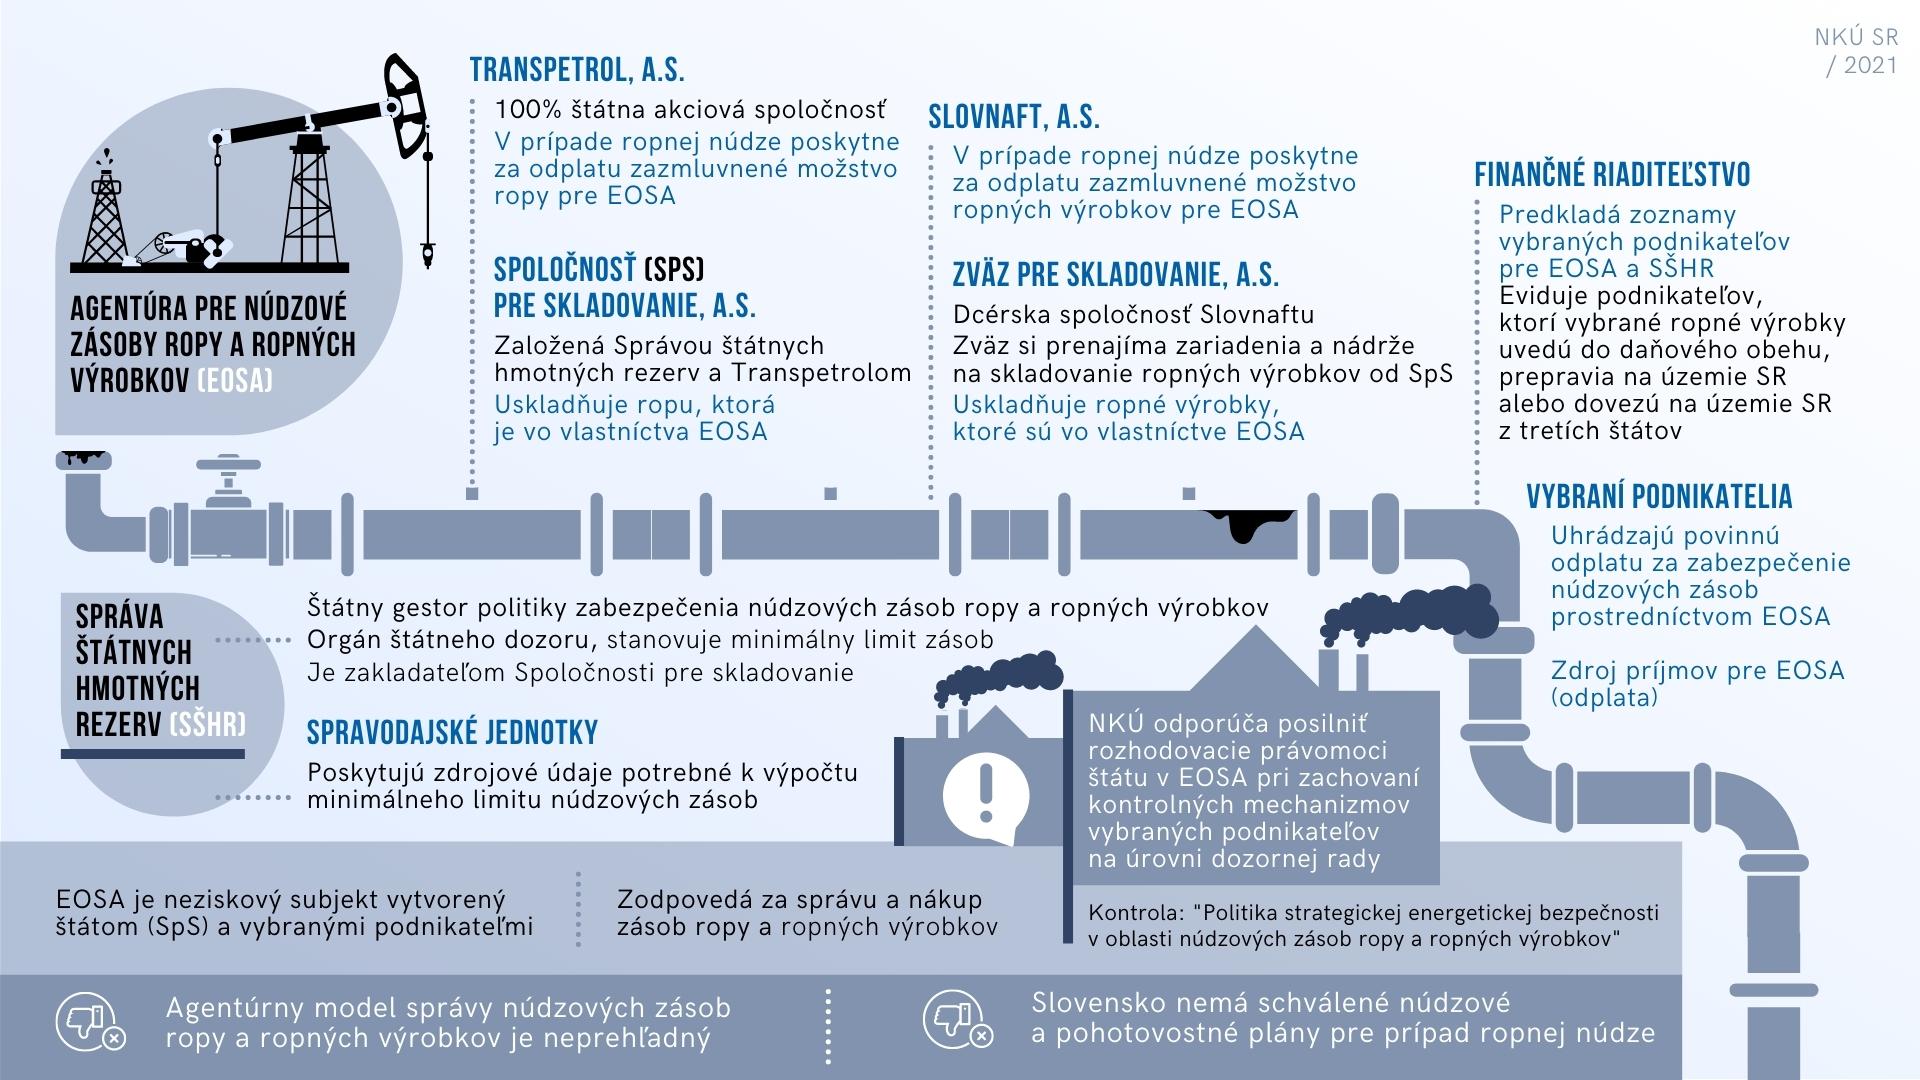 Infografika - núdzové zásoby ropy - popis vzájomných vzťahov